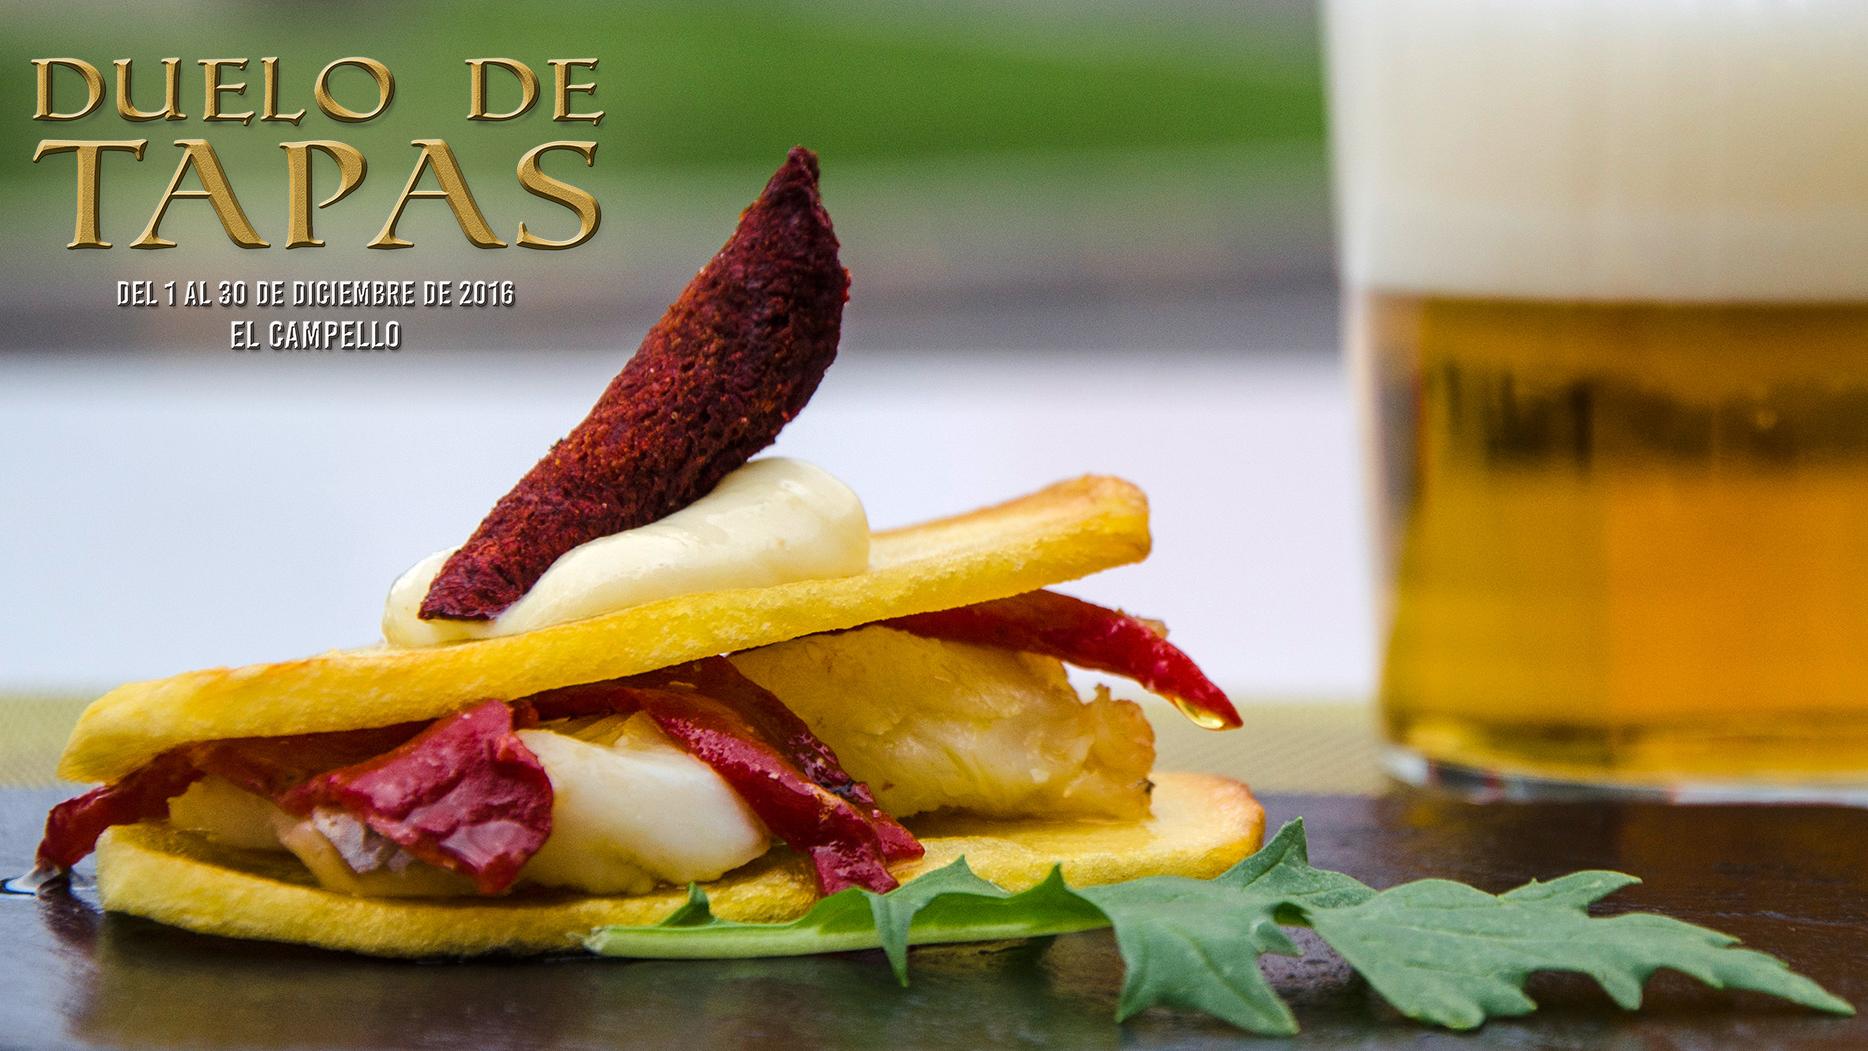 Fotografía de producto en hostelería para la campaña de publicidad en El Campello